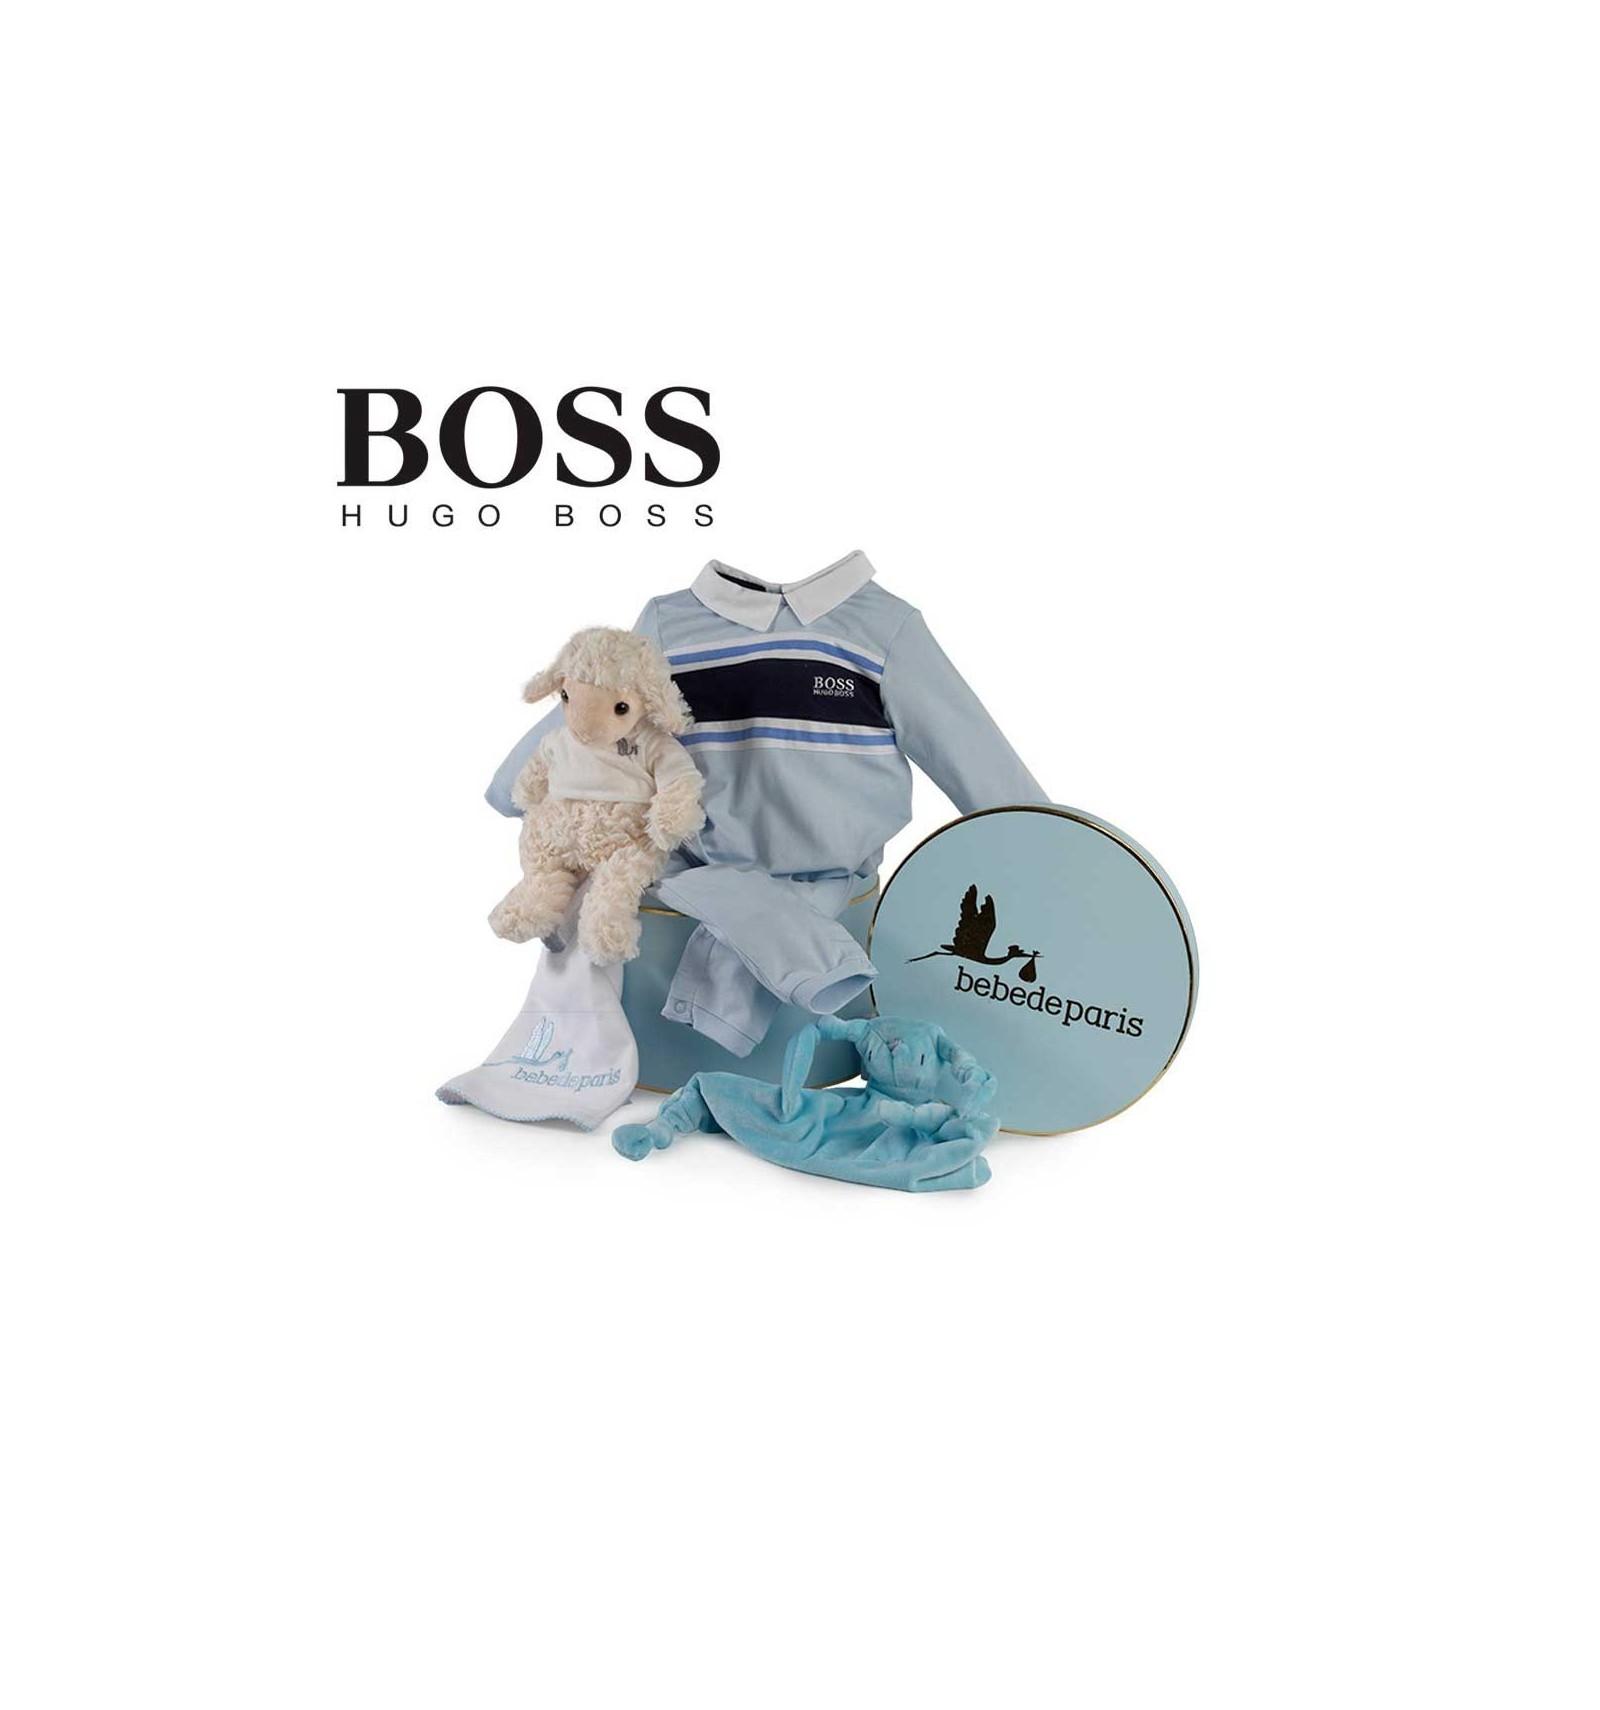 43d0b883785b8 Corbeille bébé Hugo Boss sérénité (rayures)   Bebe de Paris